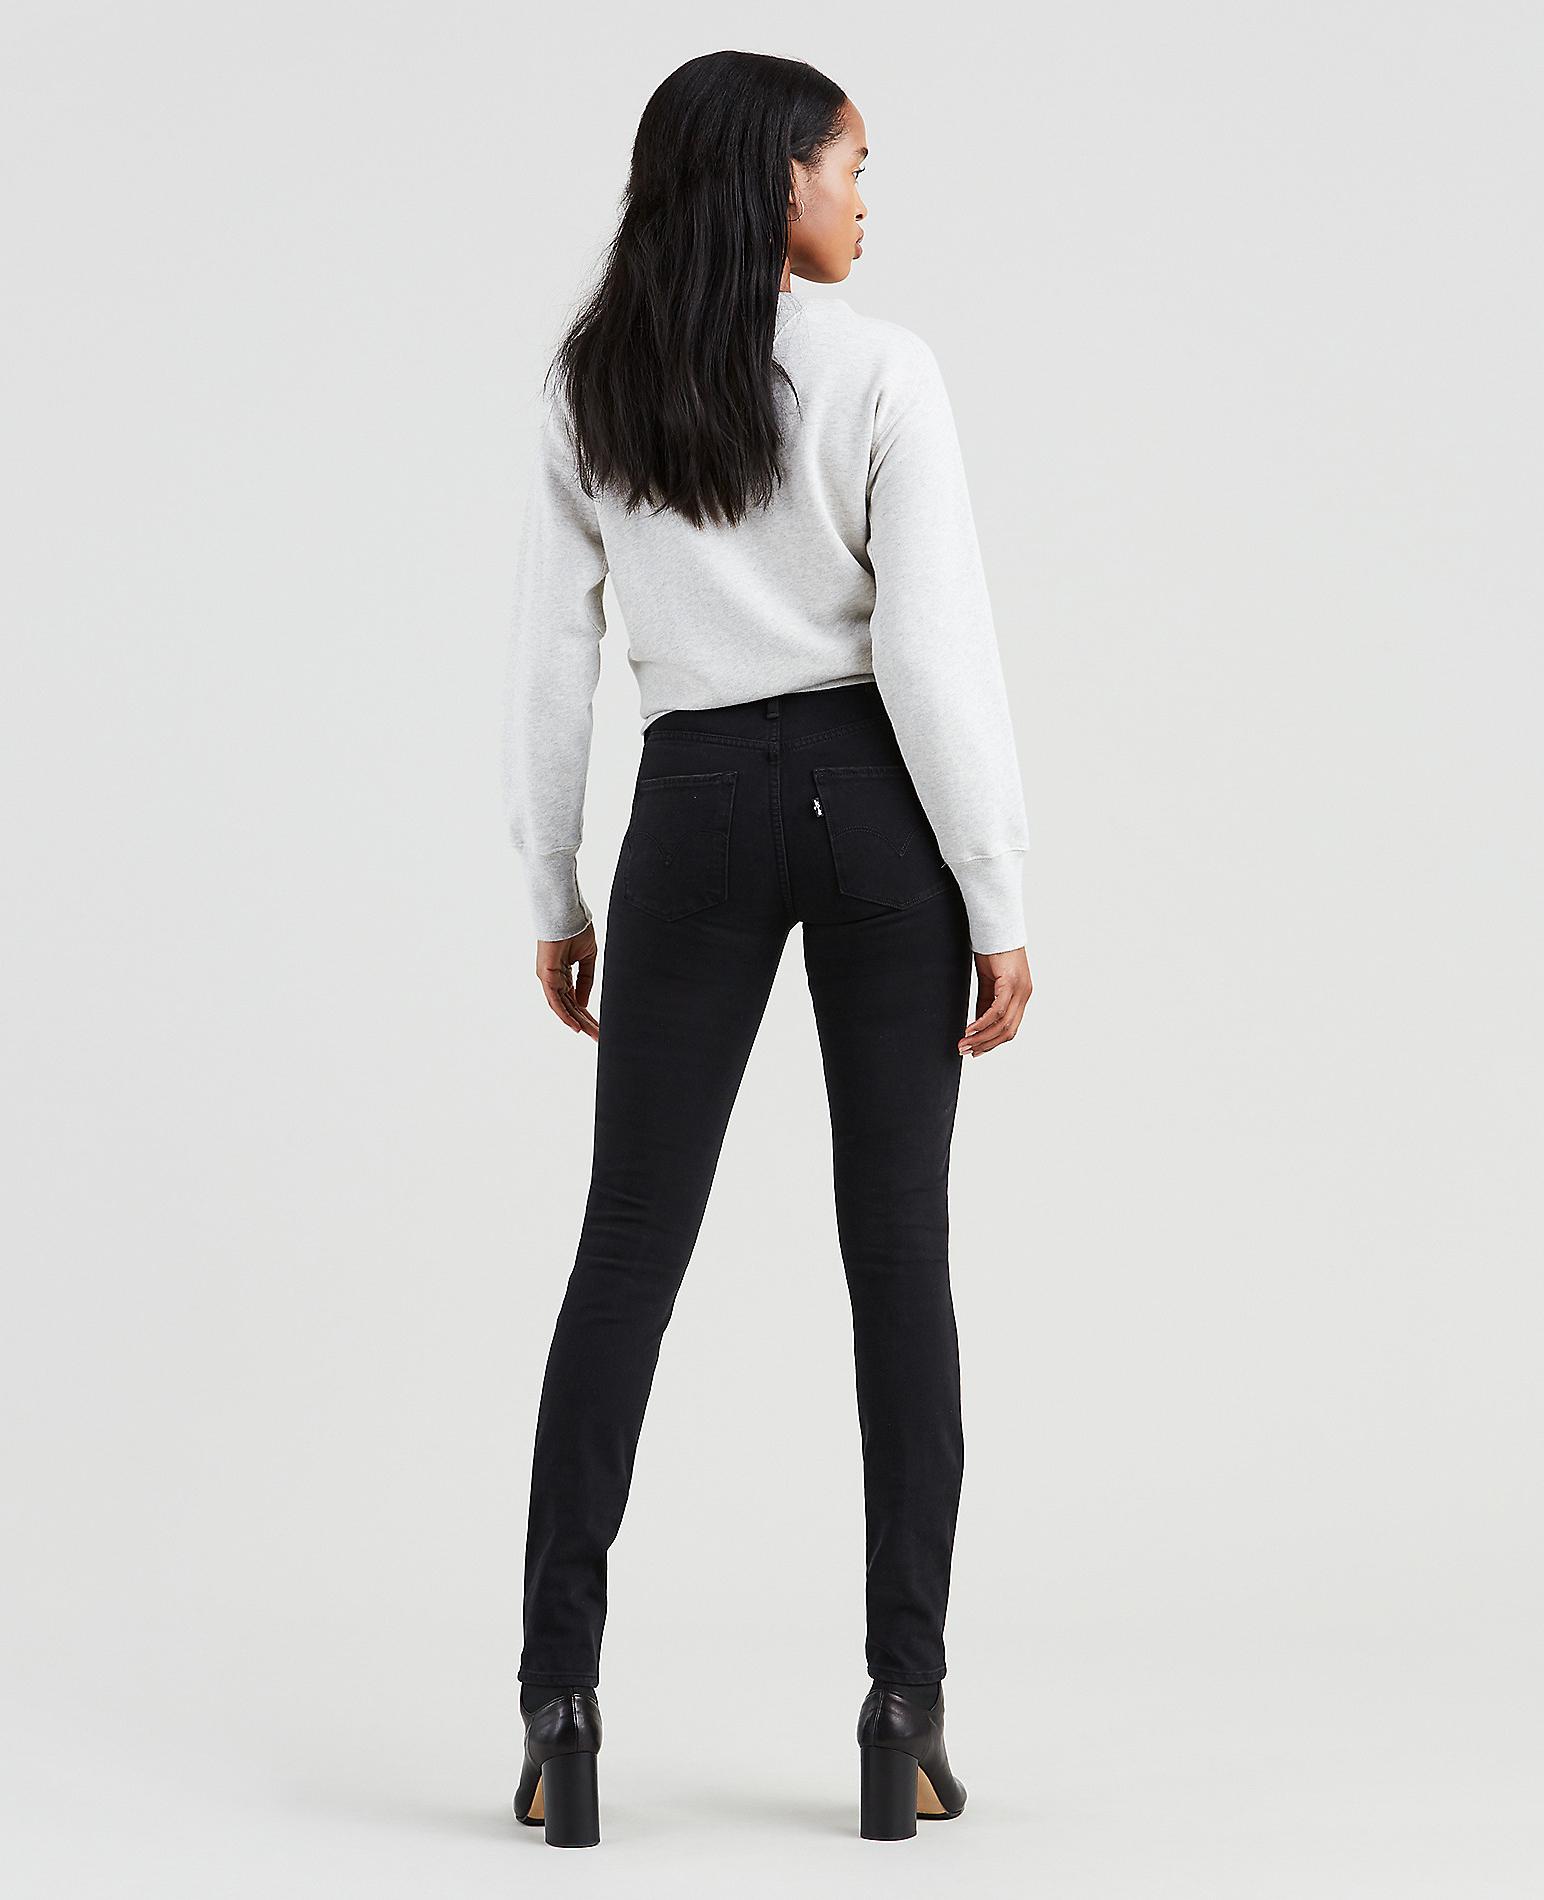 Levis Moulant Filiforme De FemmesMec Jeans 311 Nw8Onyvm0